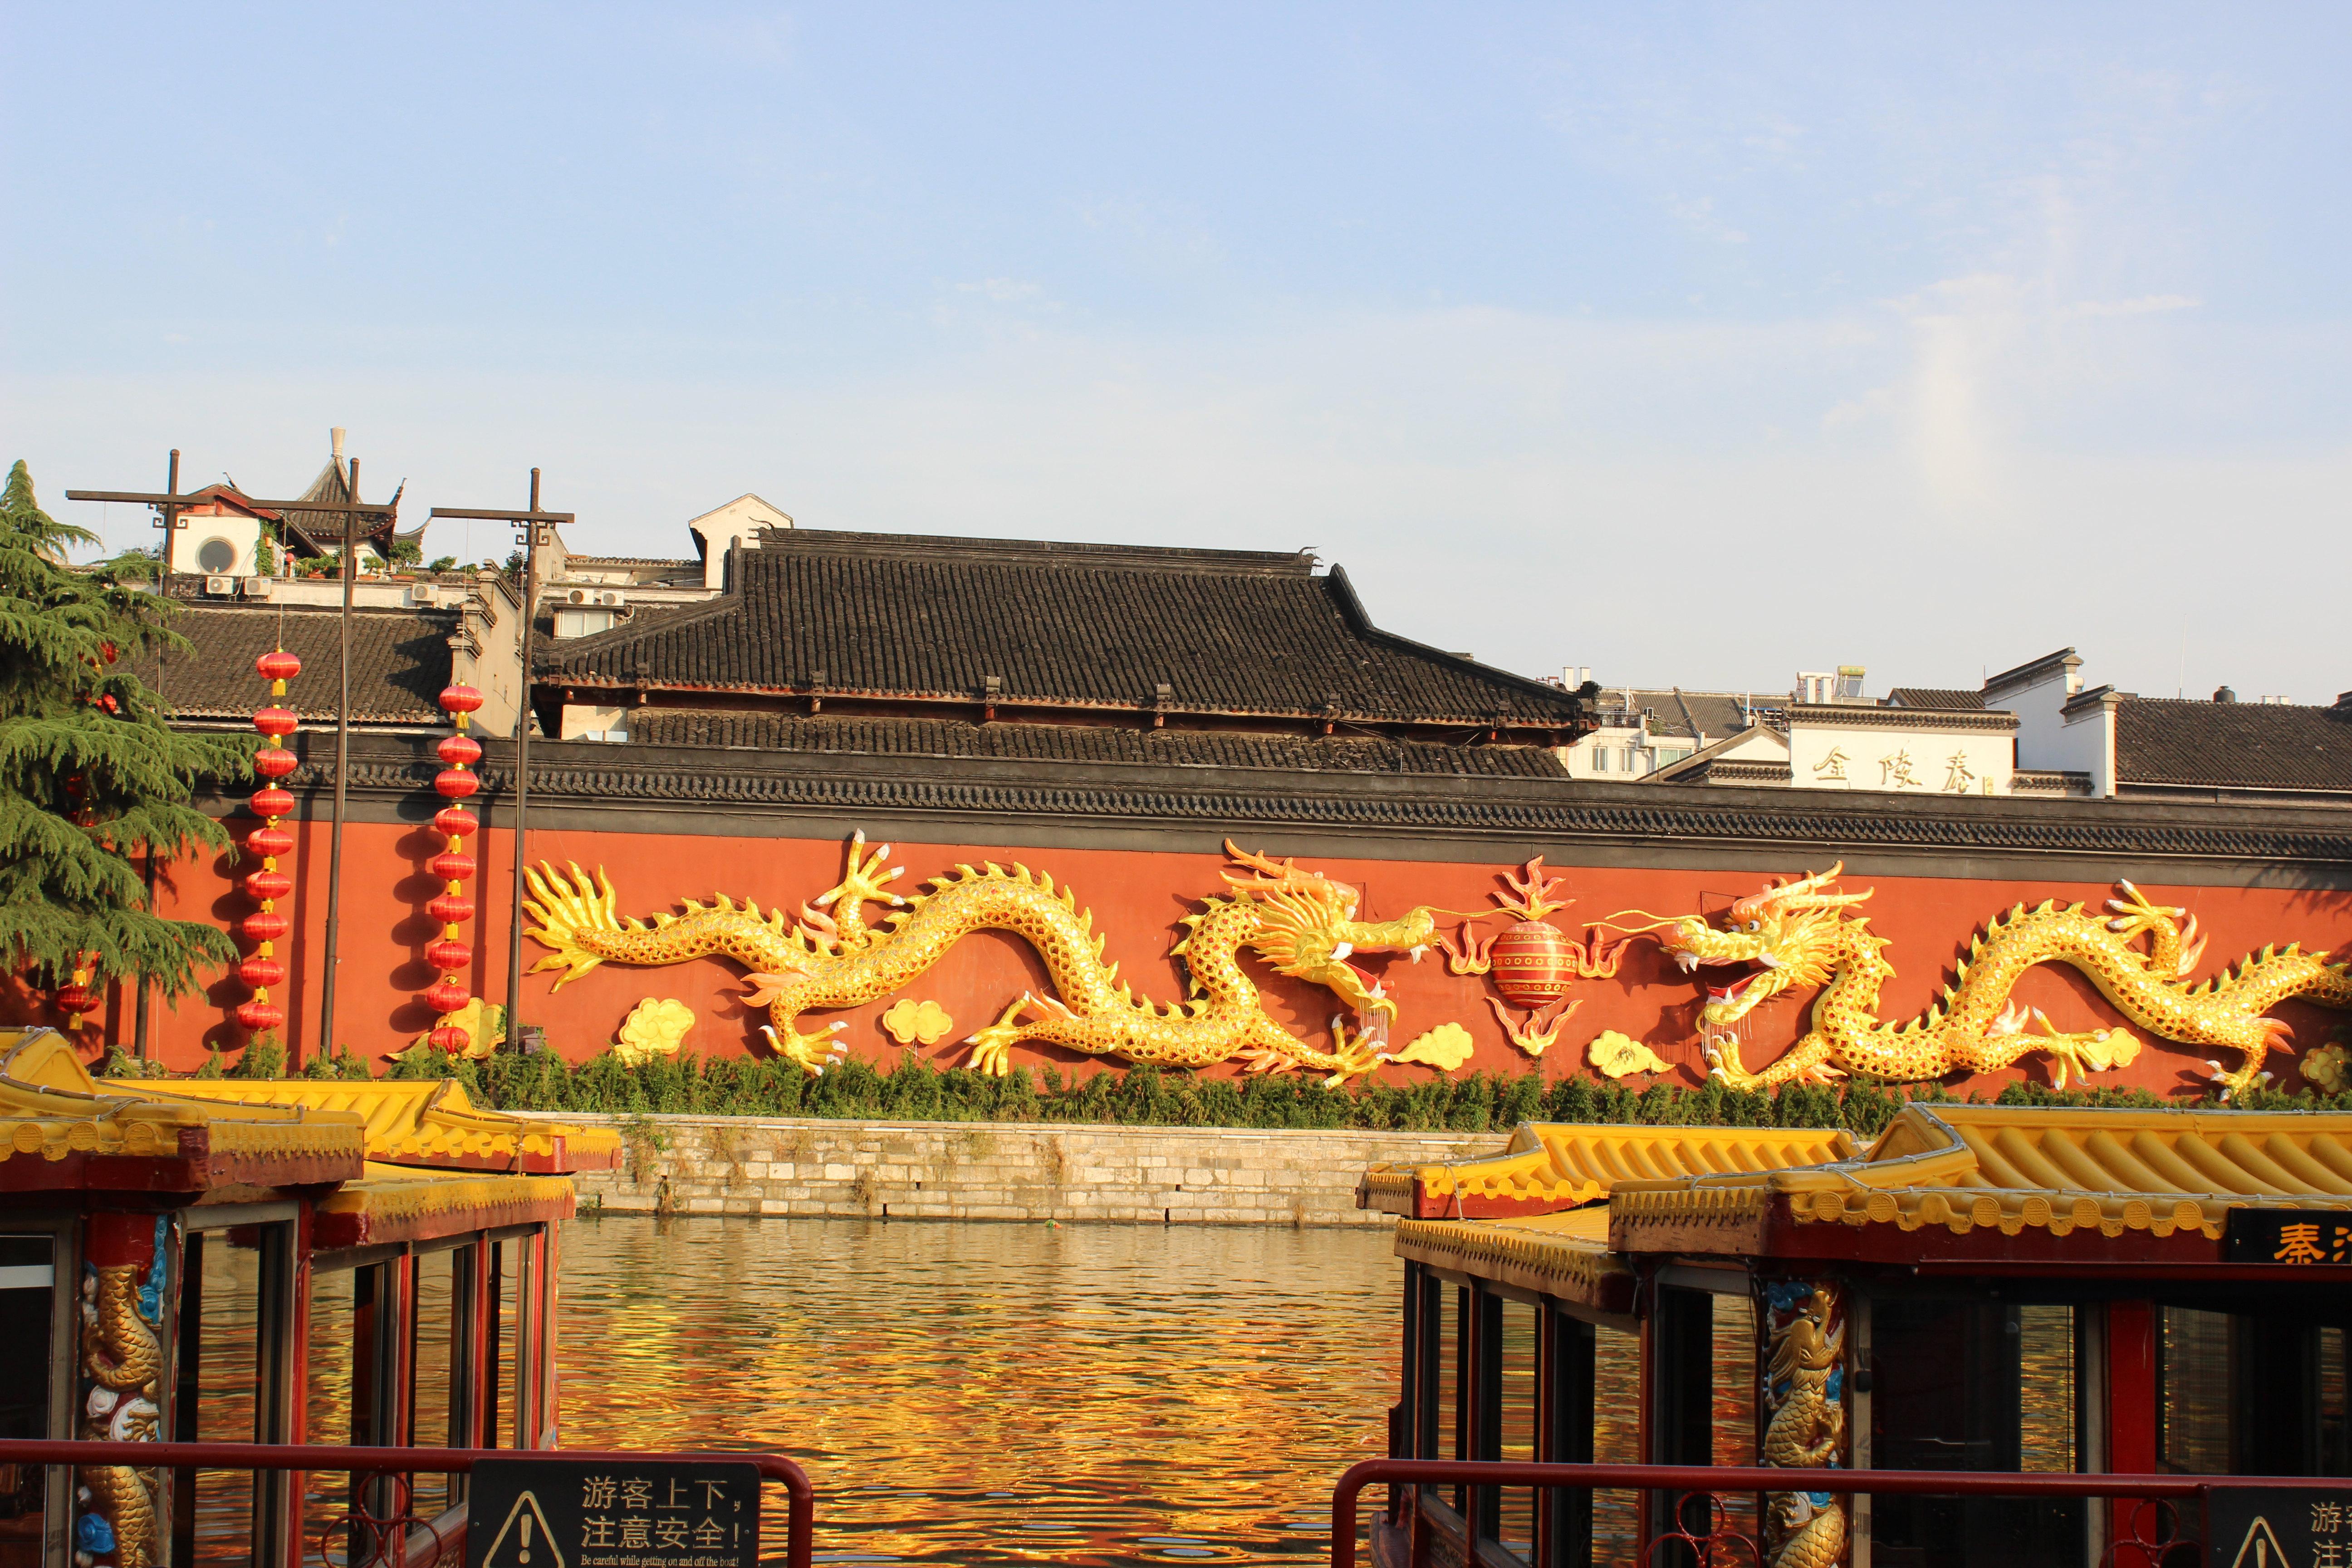 南京夫子庙小吃地�_【携程攻略】南京夫子庙适合朋友出游旅游吗,夫子庙